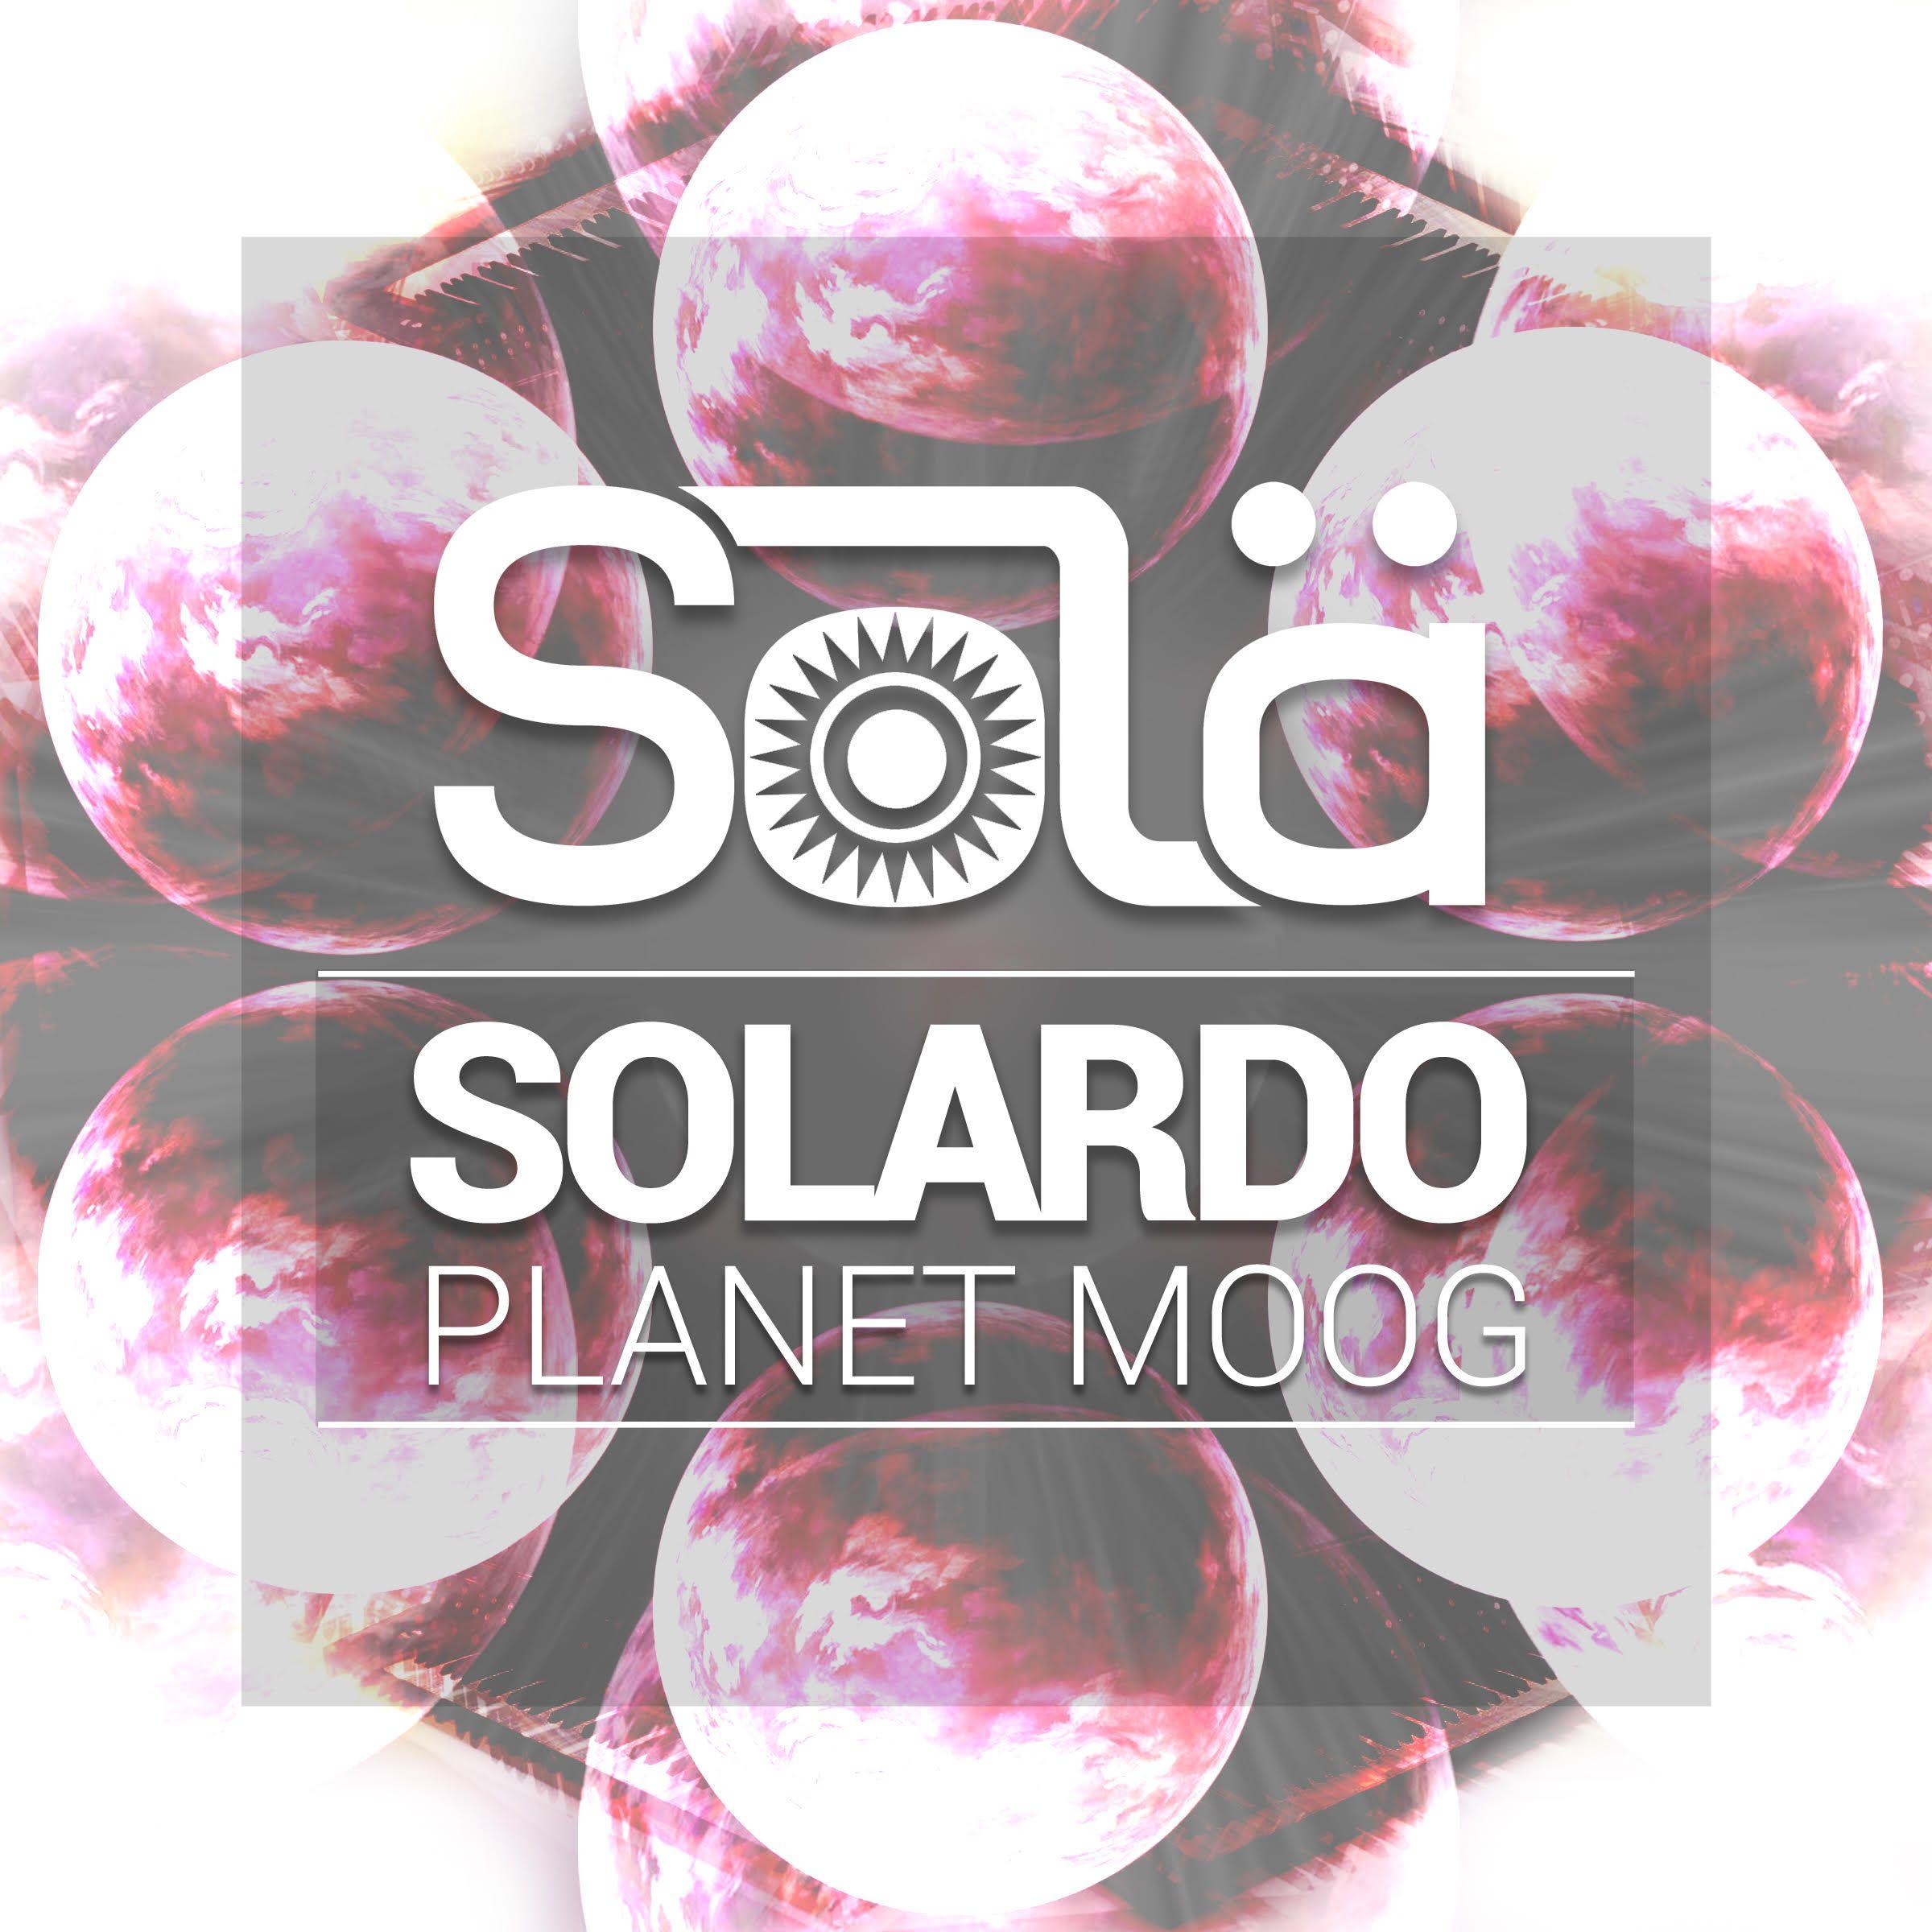 001-solardo-planetmoog.jpg